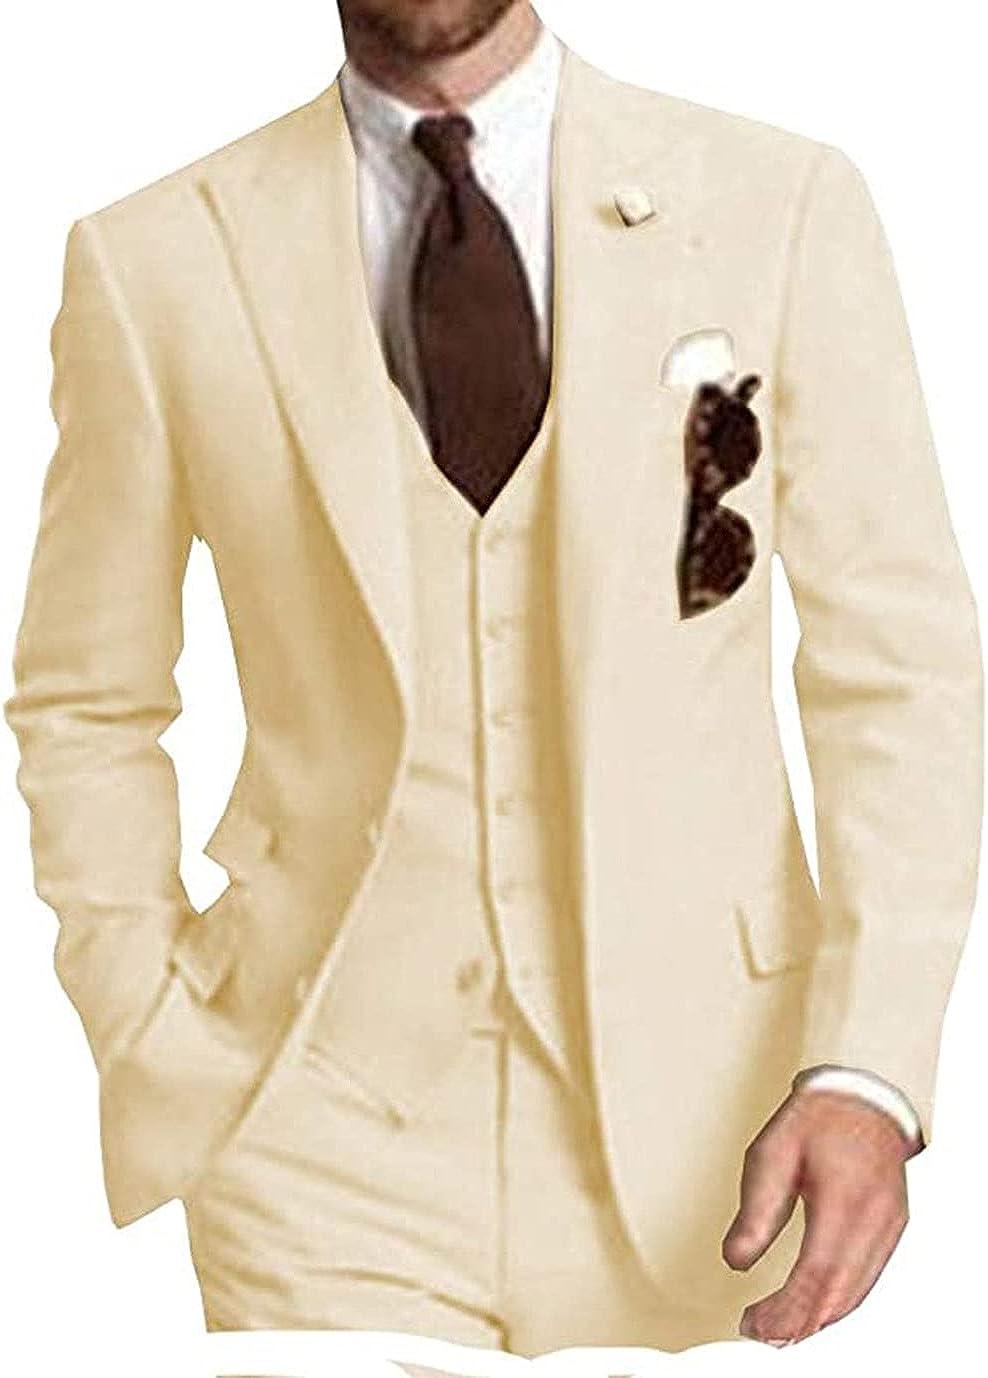 70ILY Business Casual Men Suits-Notched Lapel Groomsmen Tuxedo 3 Piece Wedding Suit for Men